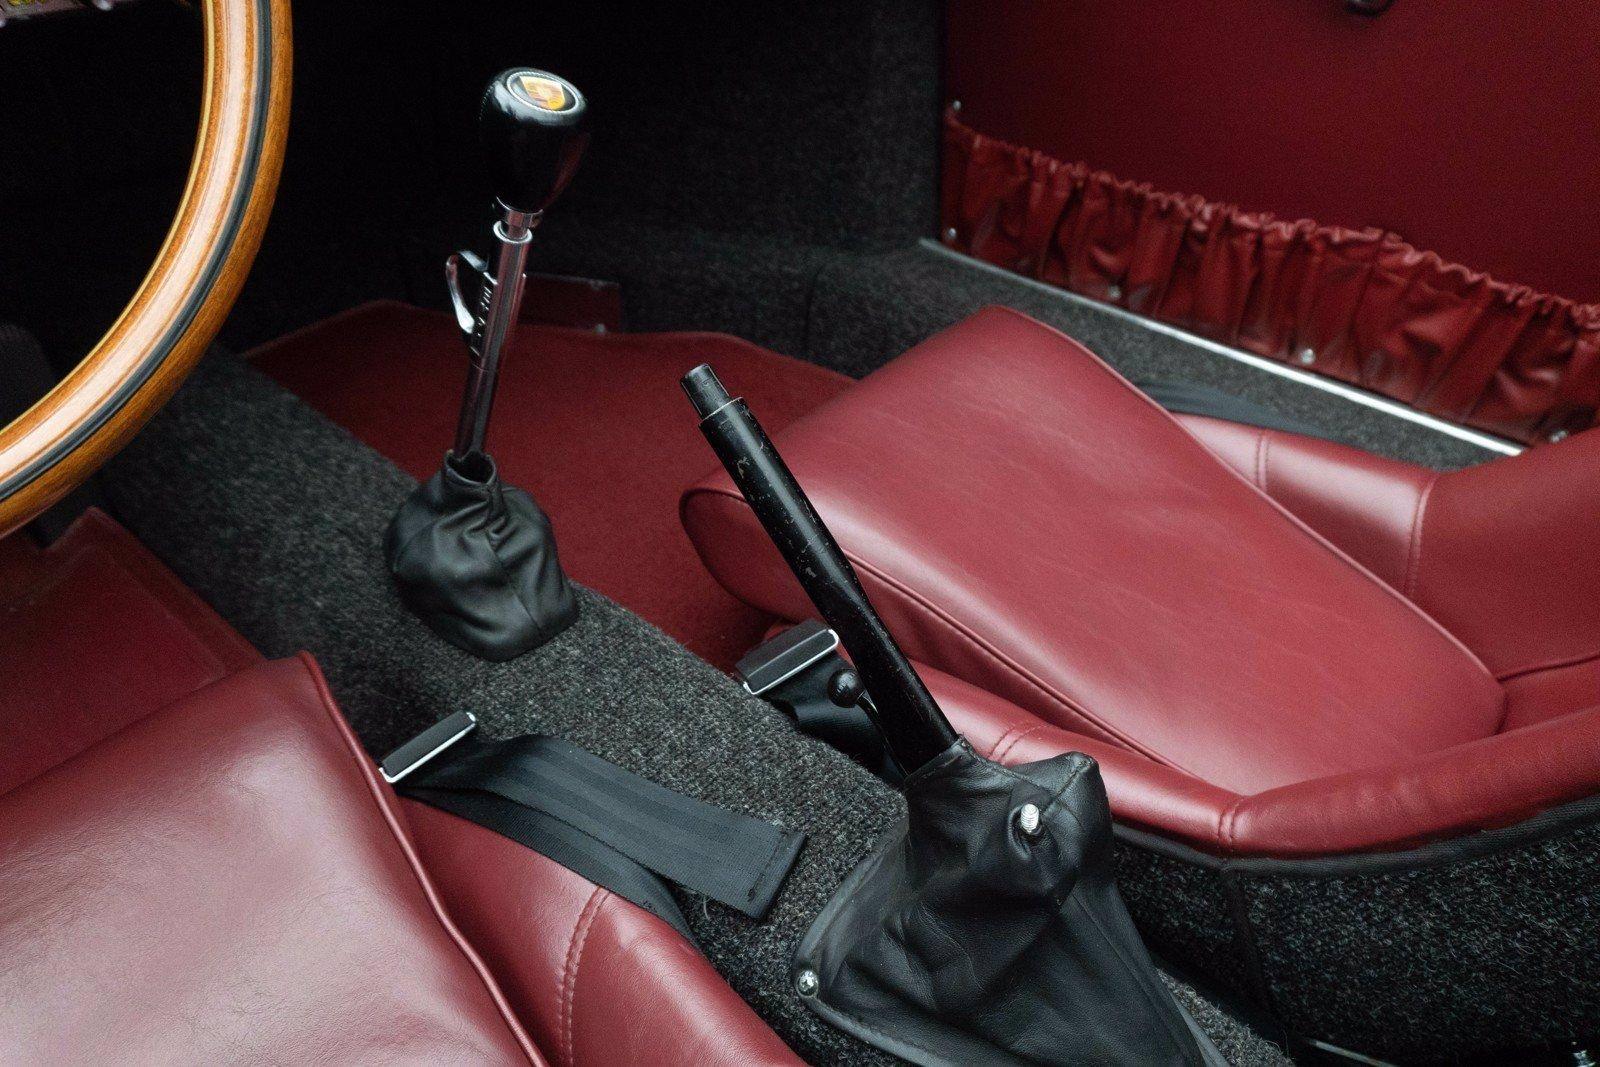 1974 Other Speedster Replica